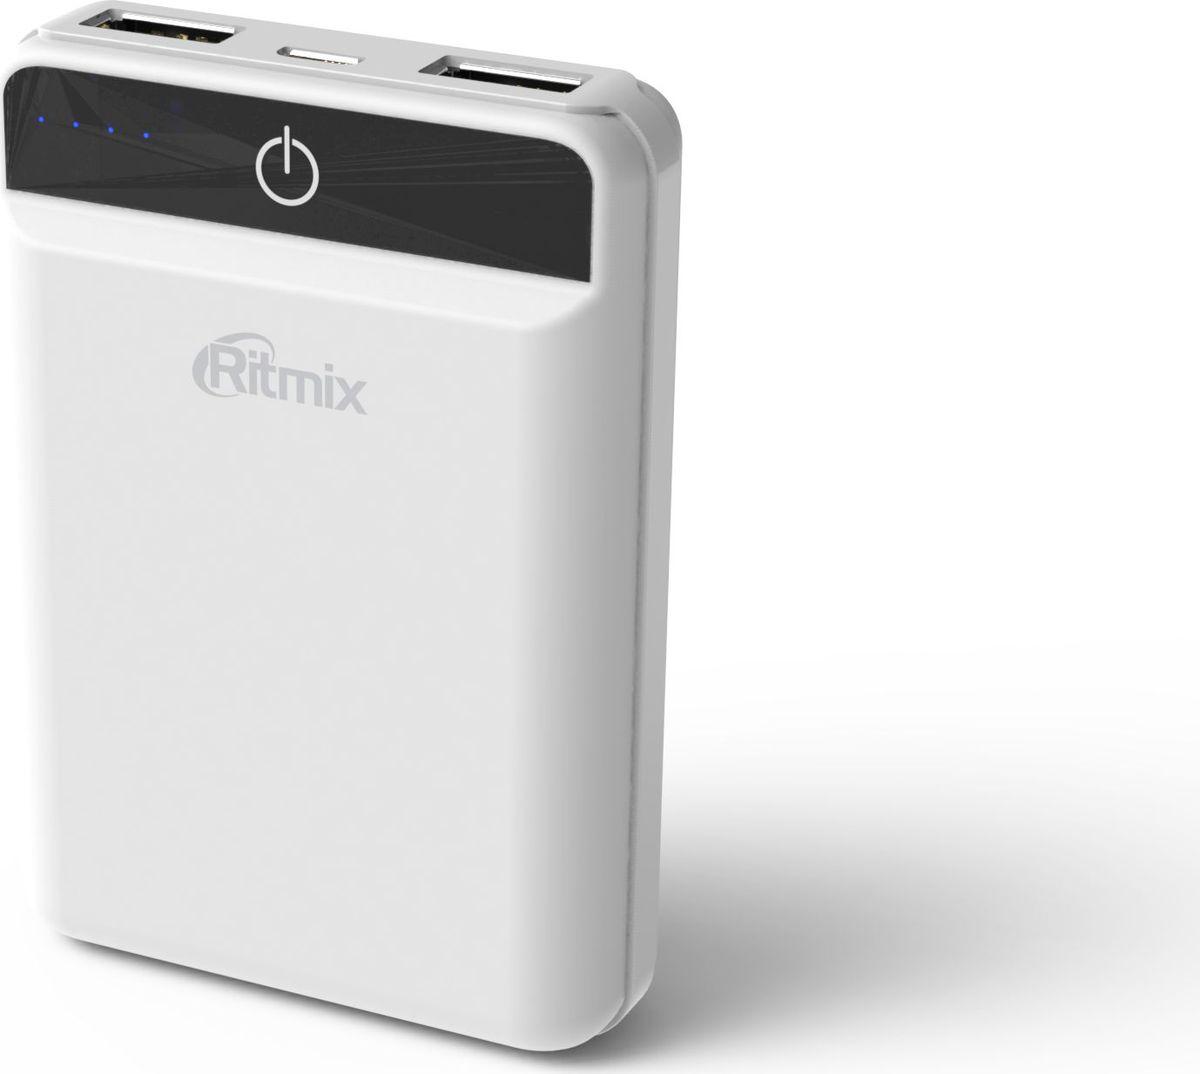 Ritmix RPB-10003L, White внешний аккумулятор (10000 мАч)15119474Ritmix RPB-10003L - это самый компактный в своем классе Power Bank с емкостью 10 000 мАч, предназначенный для зарядки мобильных телефонов, смартфонов, планшетов, MP3-плееров и любой другой техники с возможностью питания от USB-порта.Устройство оснащено двумя USB-портами до 2100 мА каждый (суммарно до 2,4 А) и микросхемой Smart IC, обеспечивая оптимальное питание и для старенького сотового телефона, и для новейшего планшета. Имеет мощный аккумулятор емкостью ресурсом не менее 500 циклов, а также LED-индикатор заряда.